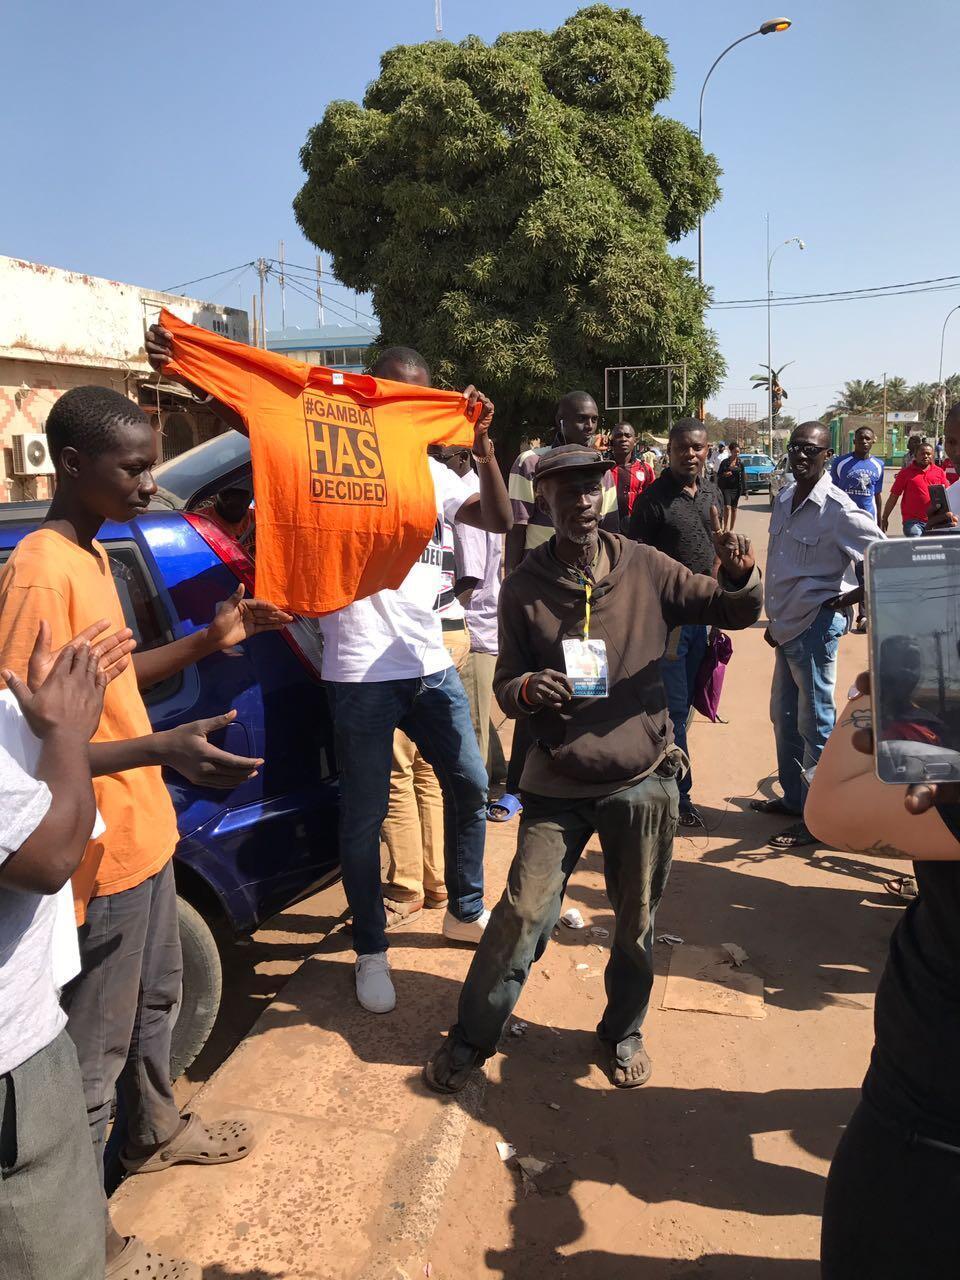 Dans les rues de Banjul, de plus en plus de personnes se sont mises à vendre des t-shirts #Gambiahasdecided, pour célébrer le changement de chef d'État .